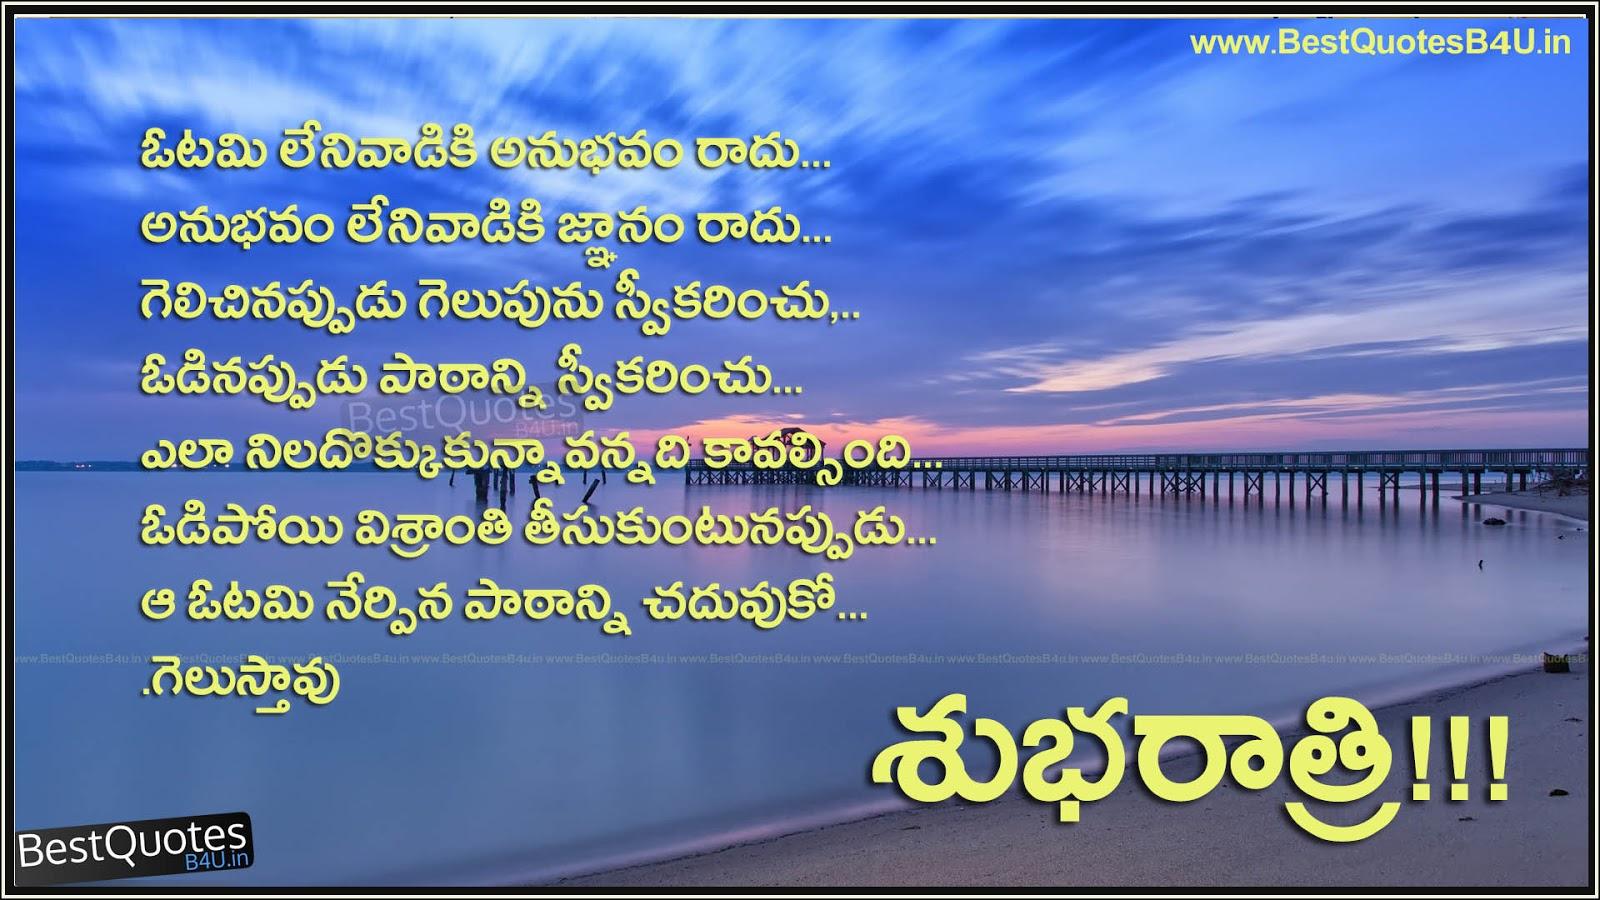 Goodnight Quotes Images In Telugu Vinnyoleo Vegetalinfo